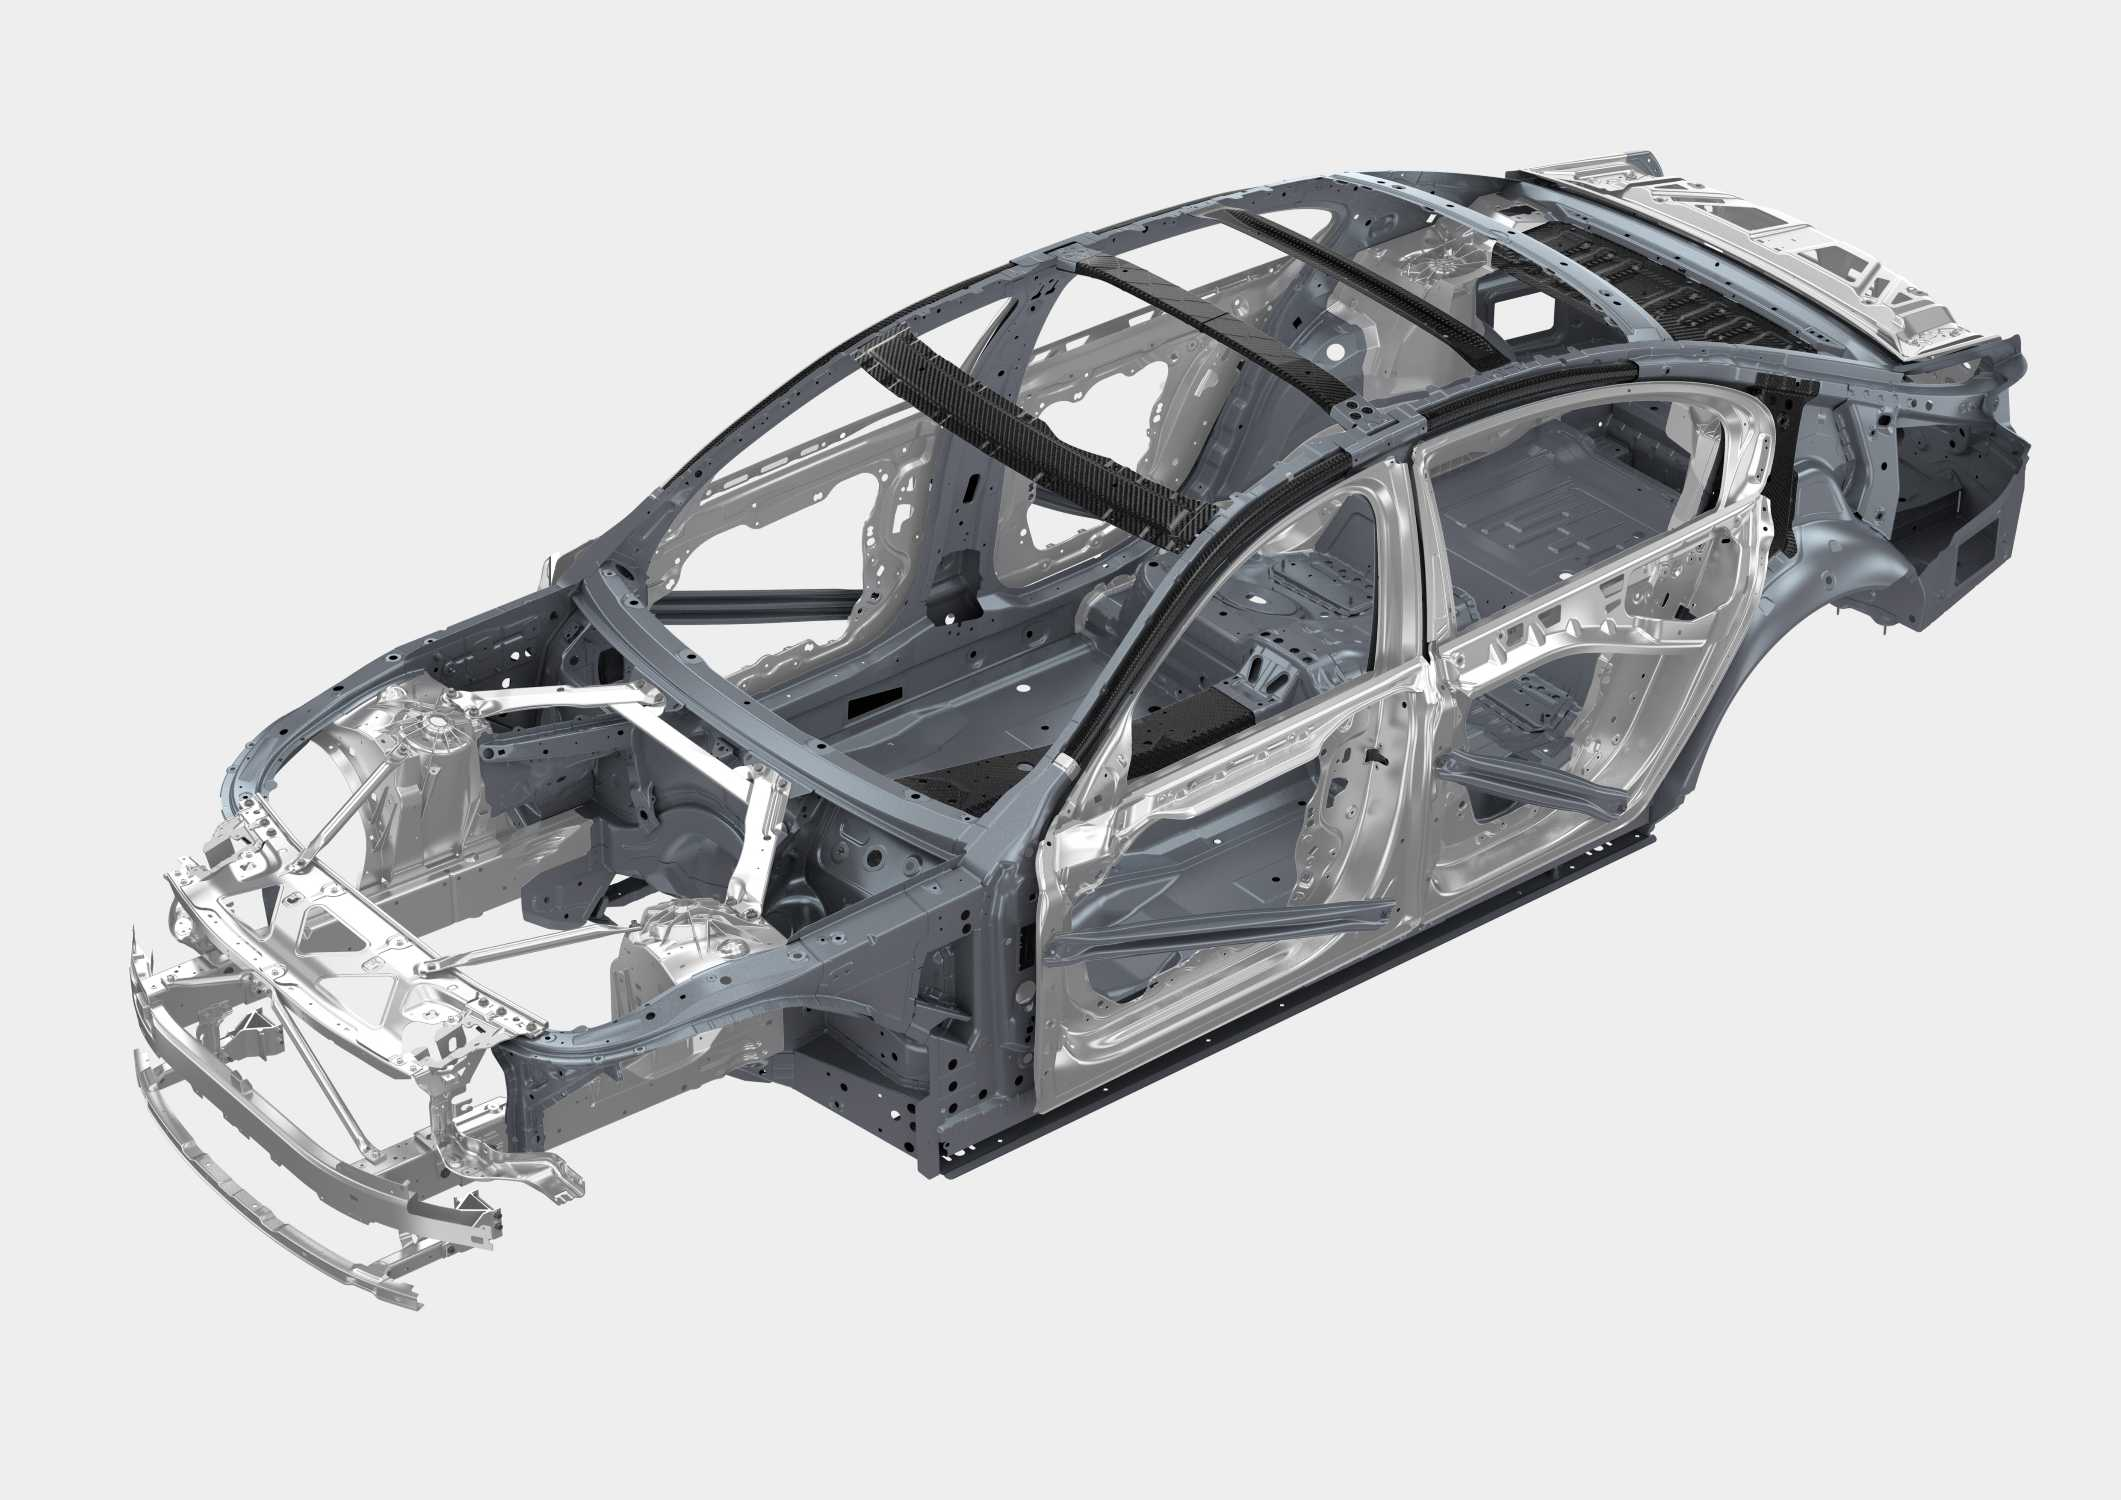 Gemeinsame BMW 7 Series body-in-white / carbon (04/2015). #IQ_25